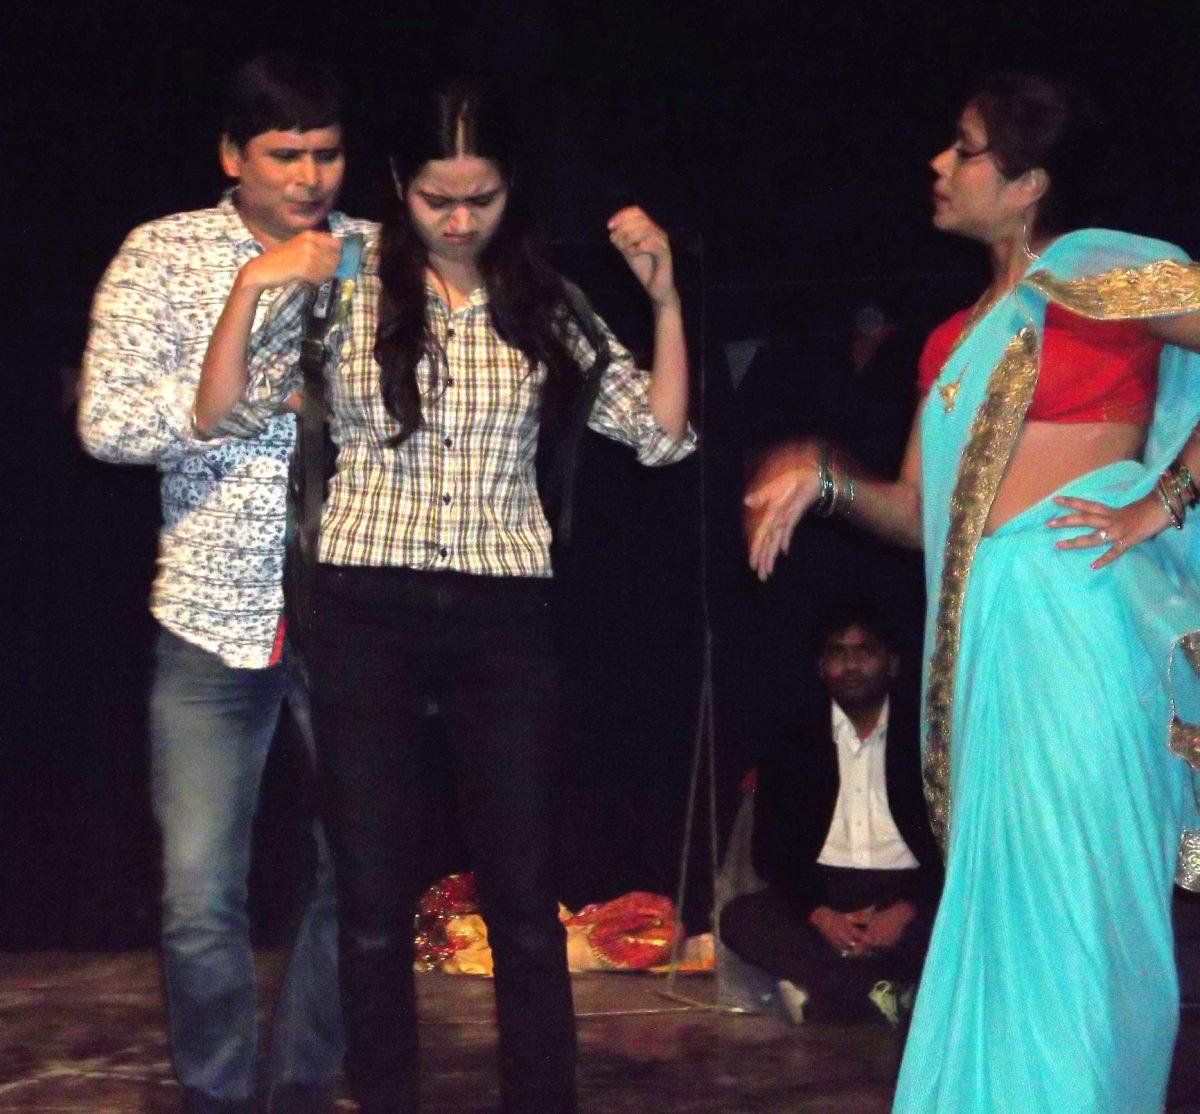 बिहार आर्ट थियेटर के 57 वें स्थापना नाट्योत्सव में हुआ 'बेटी पढ़कर क्या करेगी?' का मंचन